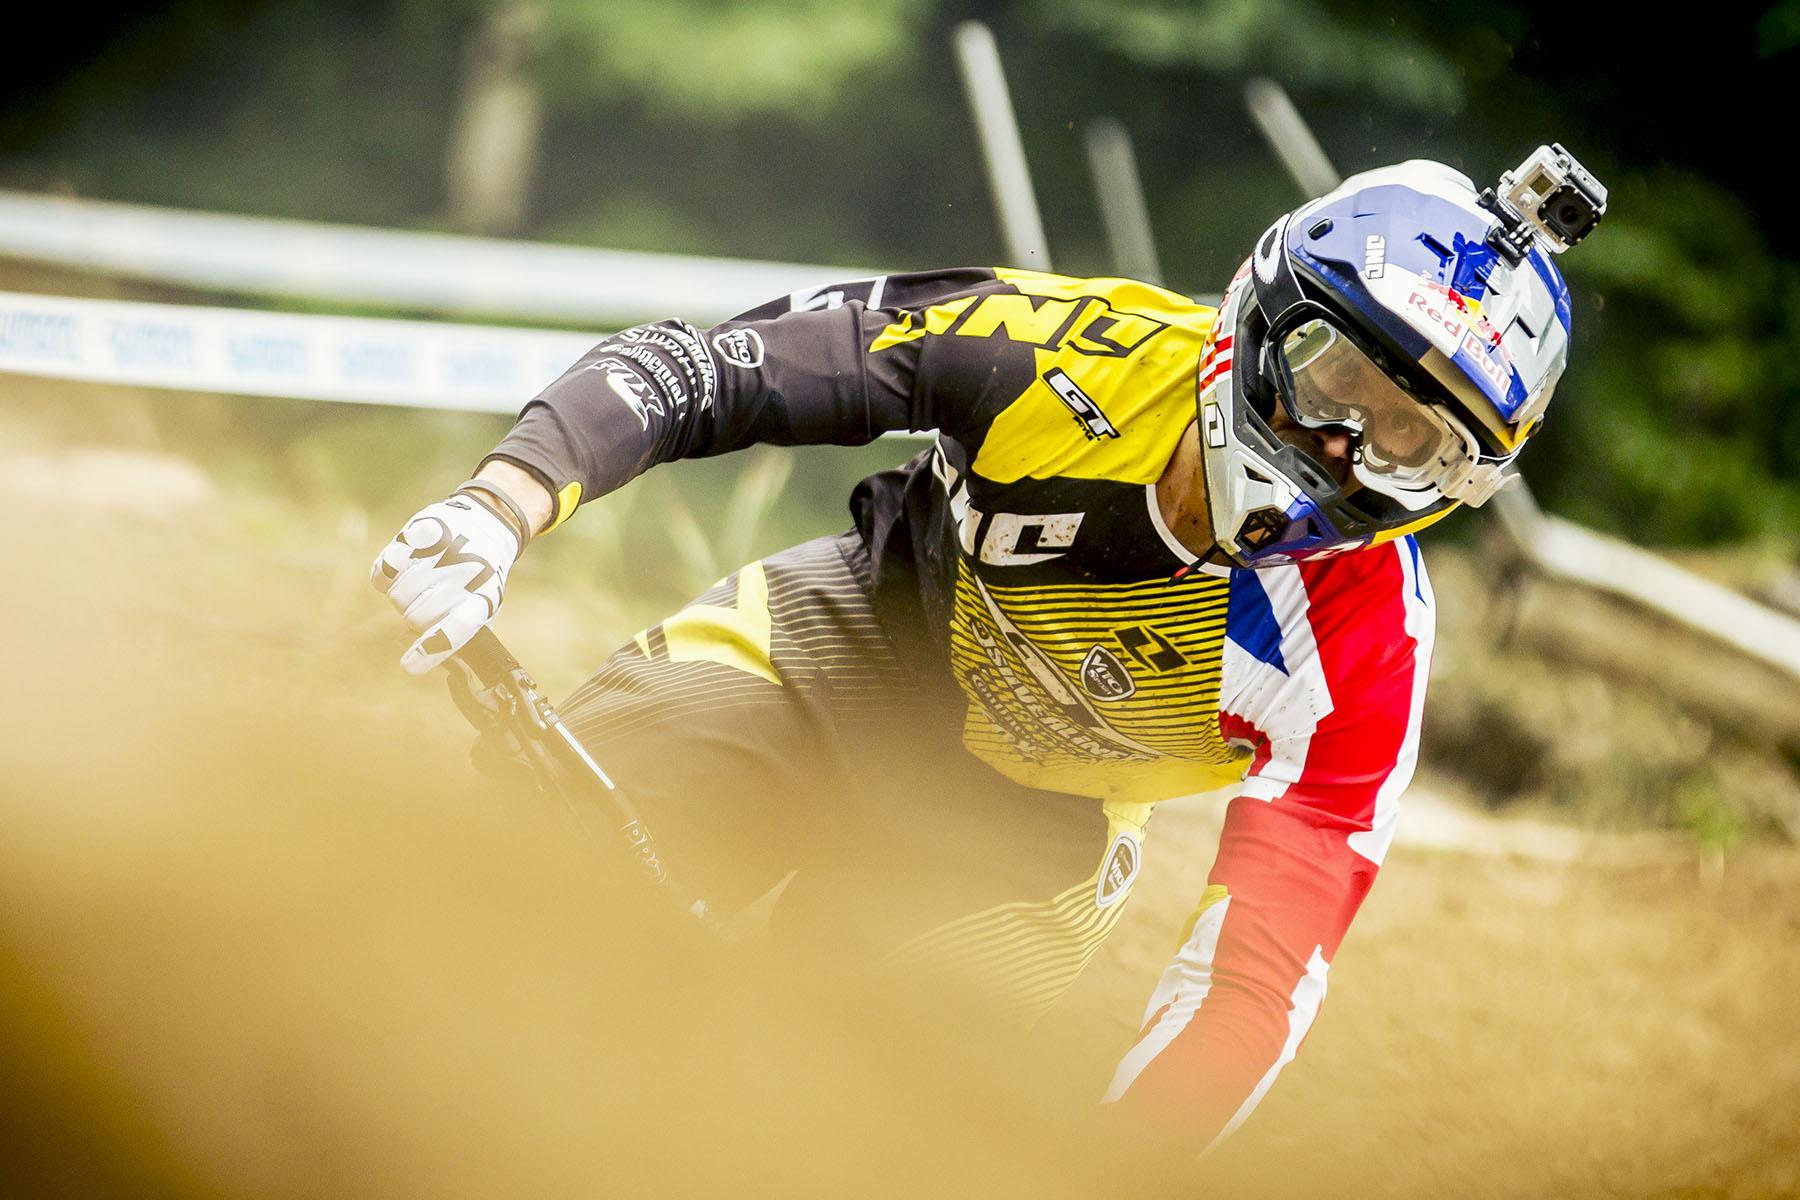 Gee Atherton konzentrierte sich auf die Jumps und fuhr ein schnelles Tempo auf dem Track.